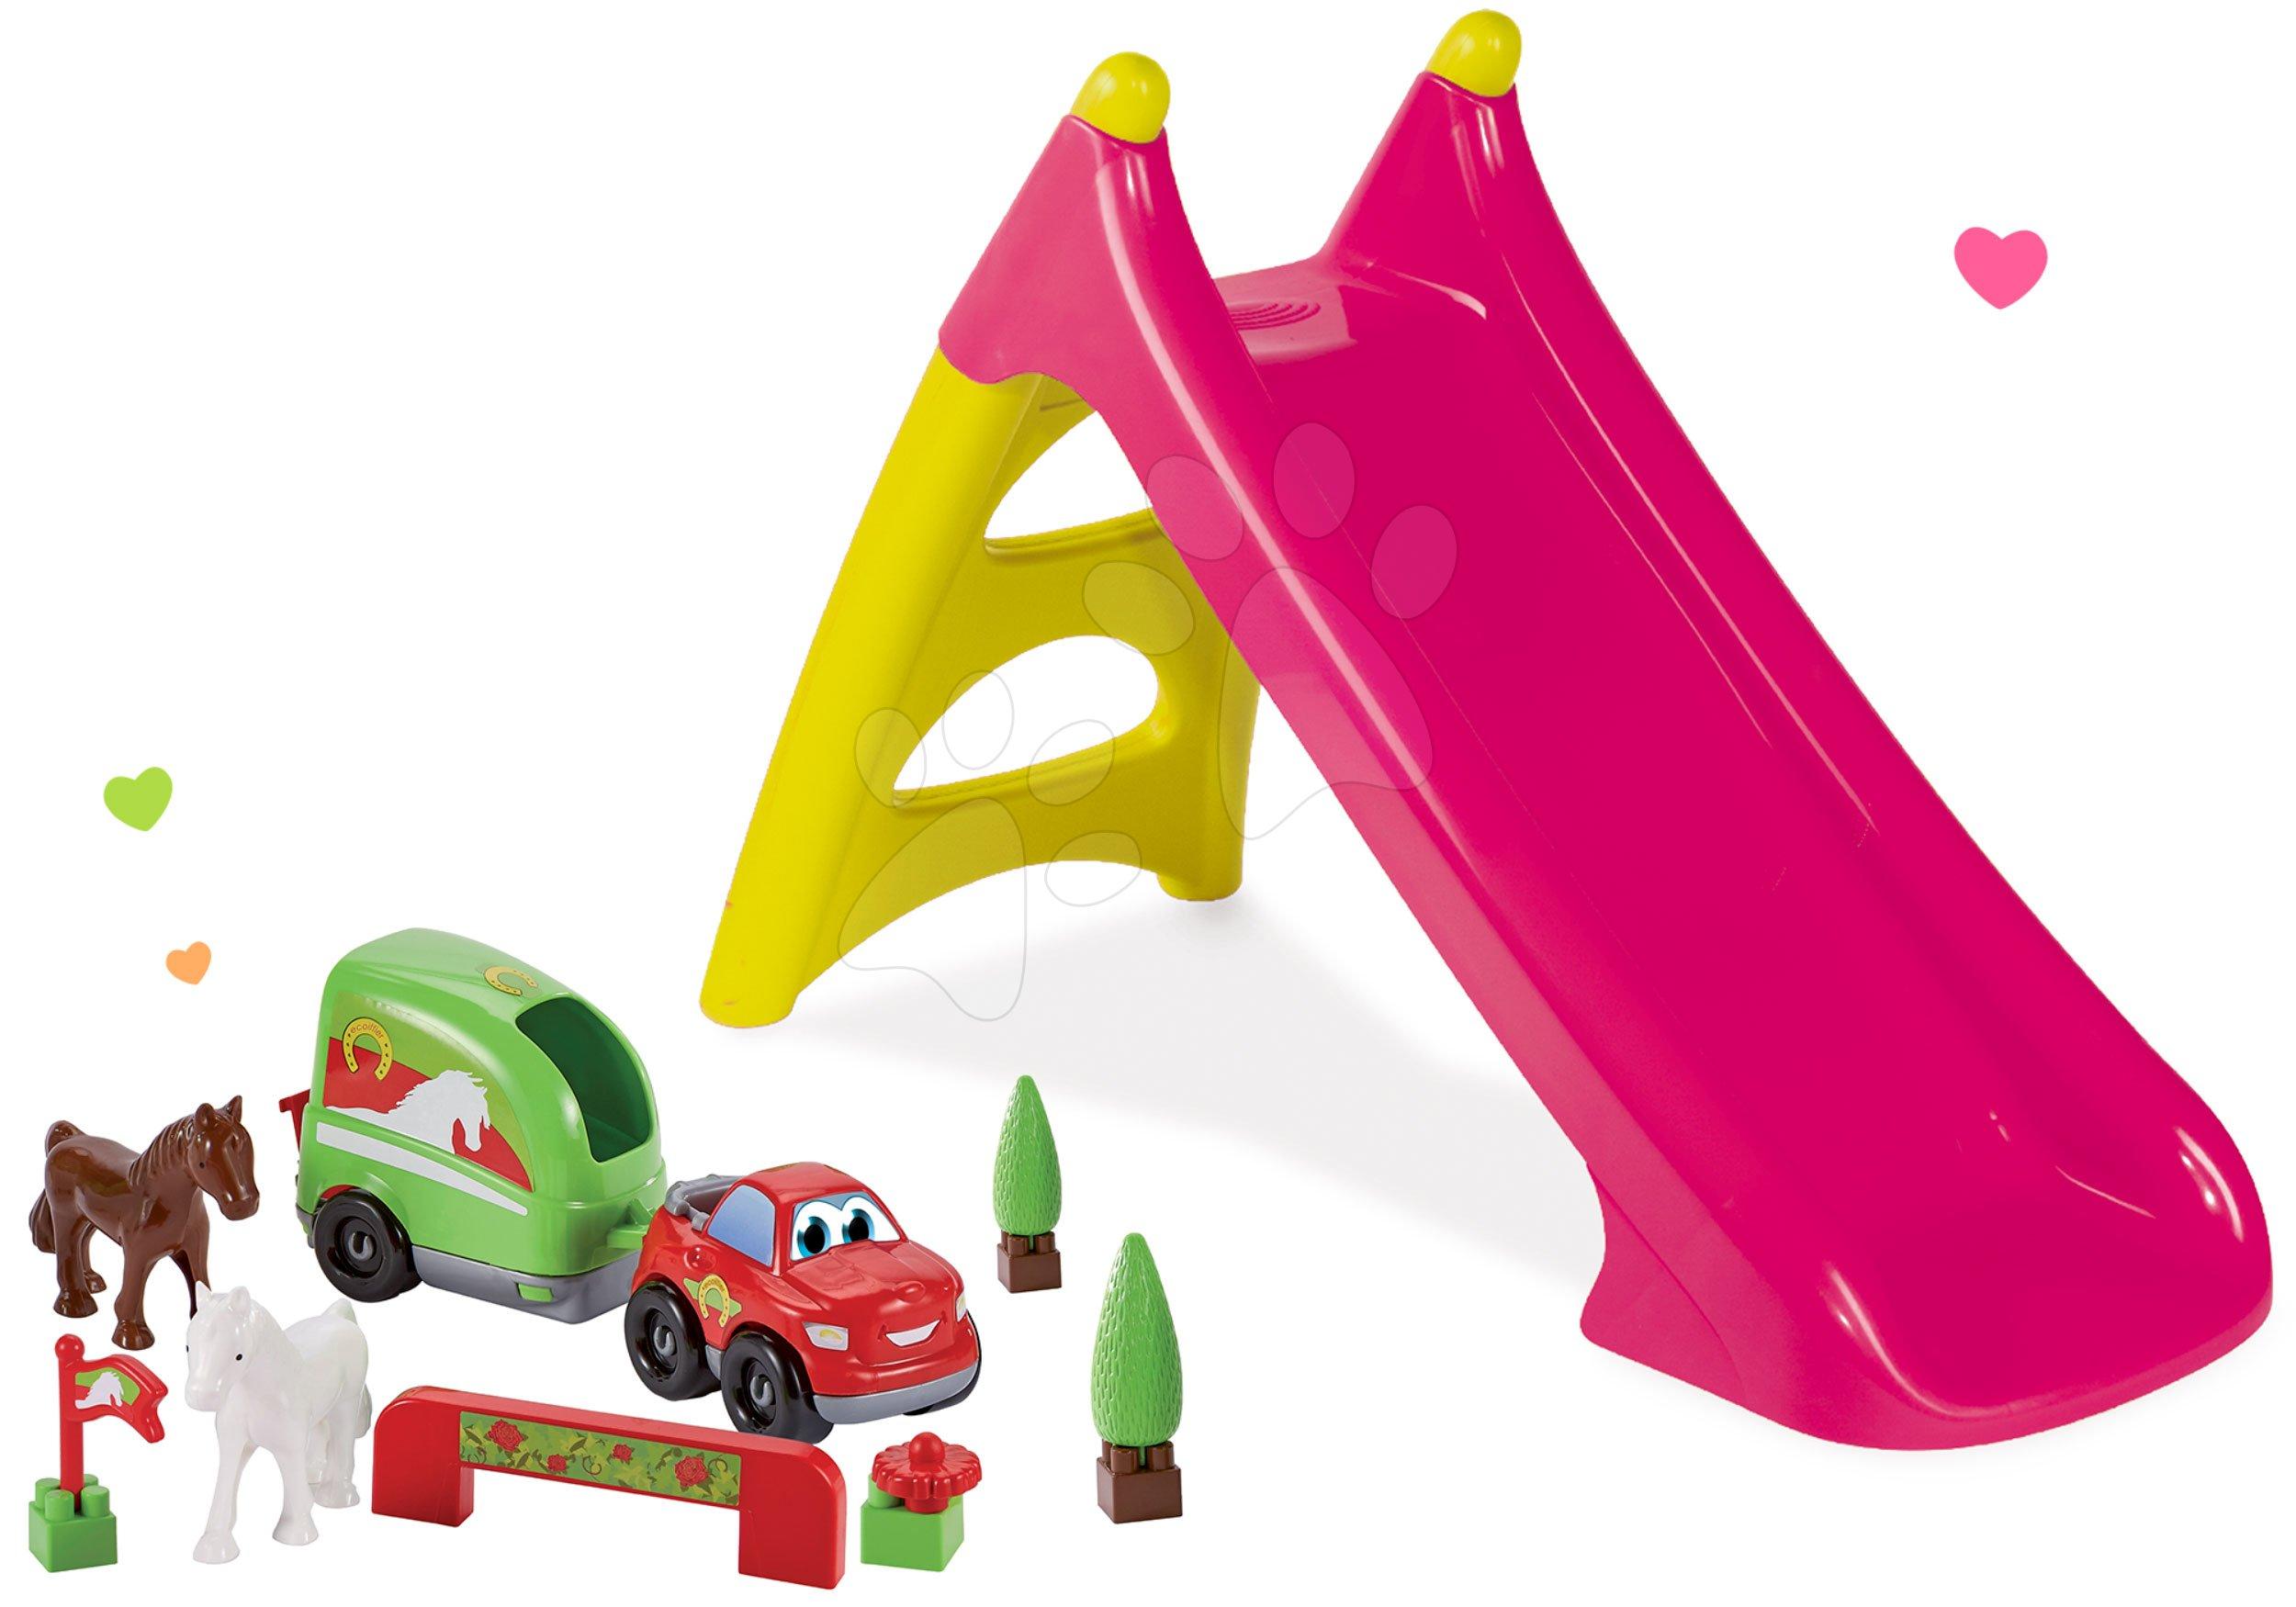 Set šmykľavka Toboggan XS ružová Smoby a terénne auto s vozíkom pre kone s doplnkami